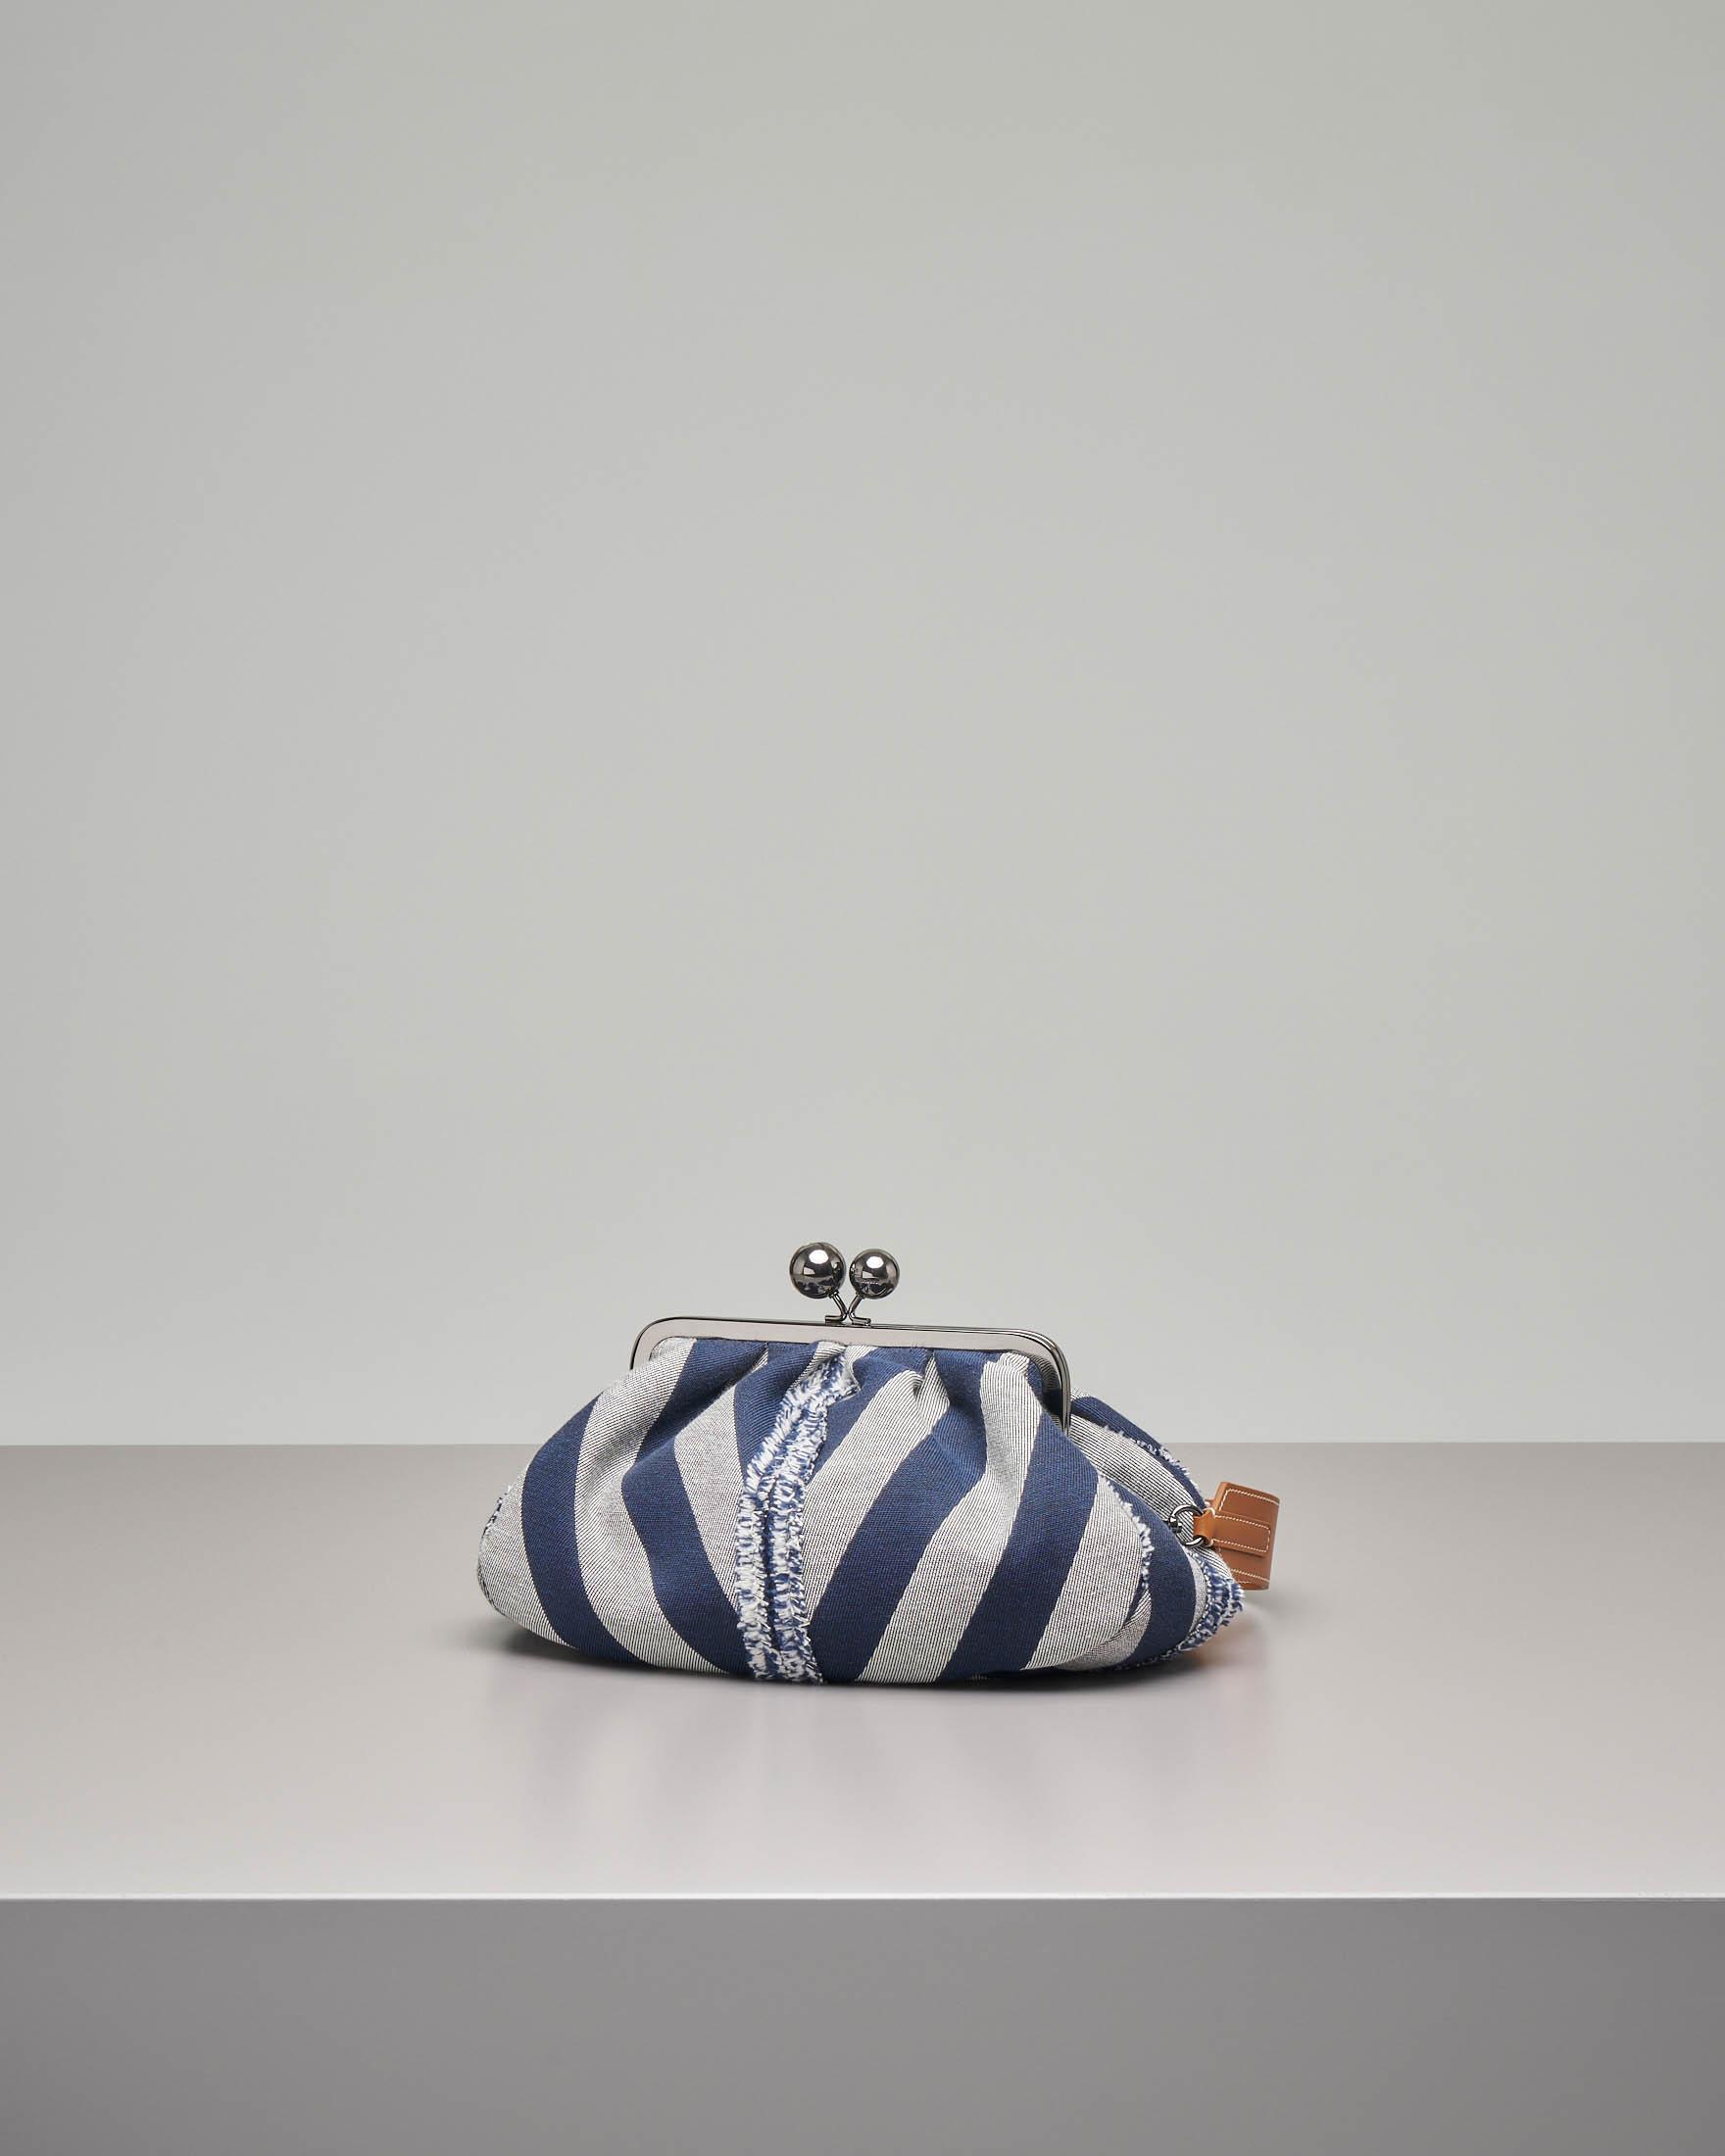 Pasticcino bag misura media in tessuto a righe con dettagli sfrangiati